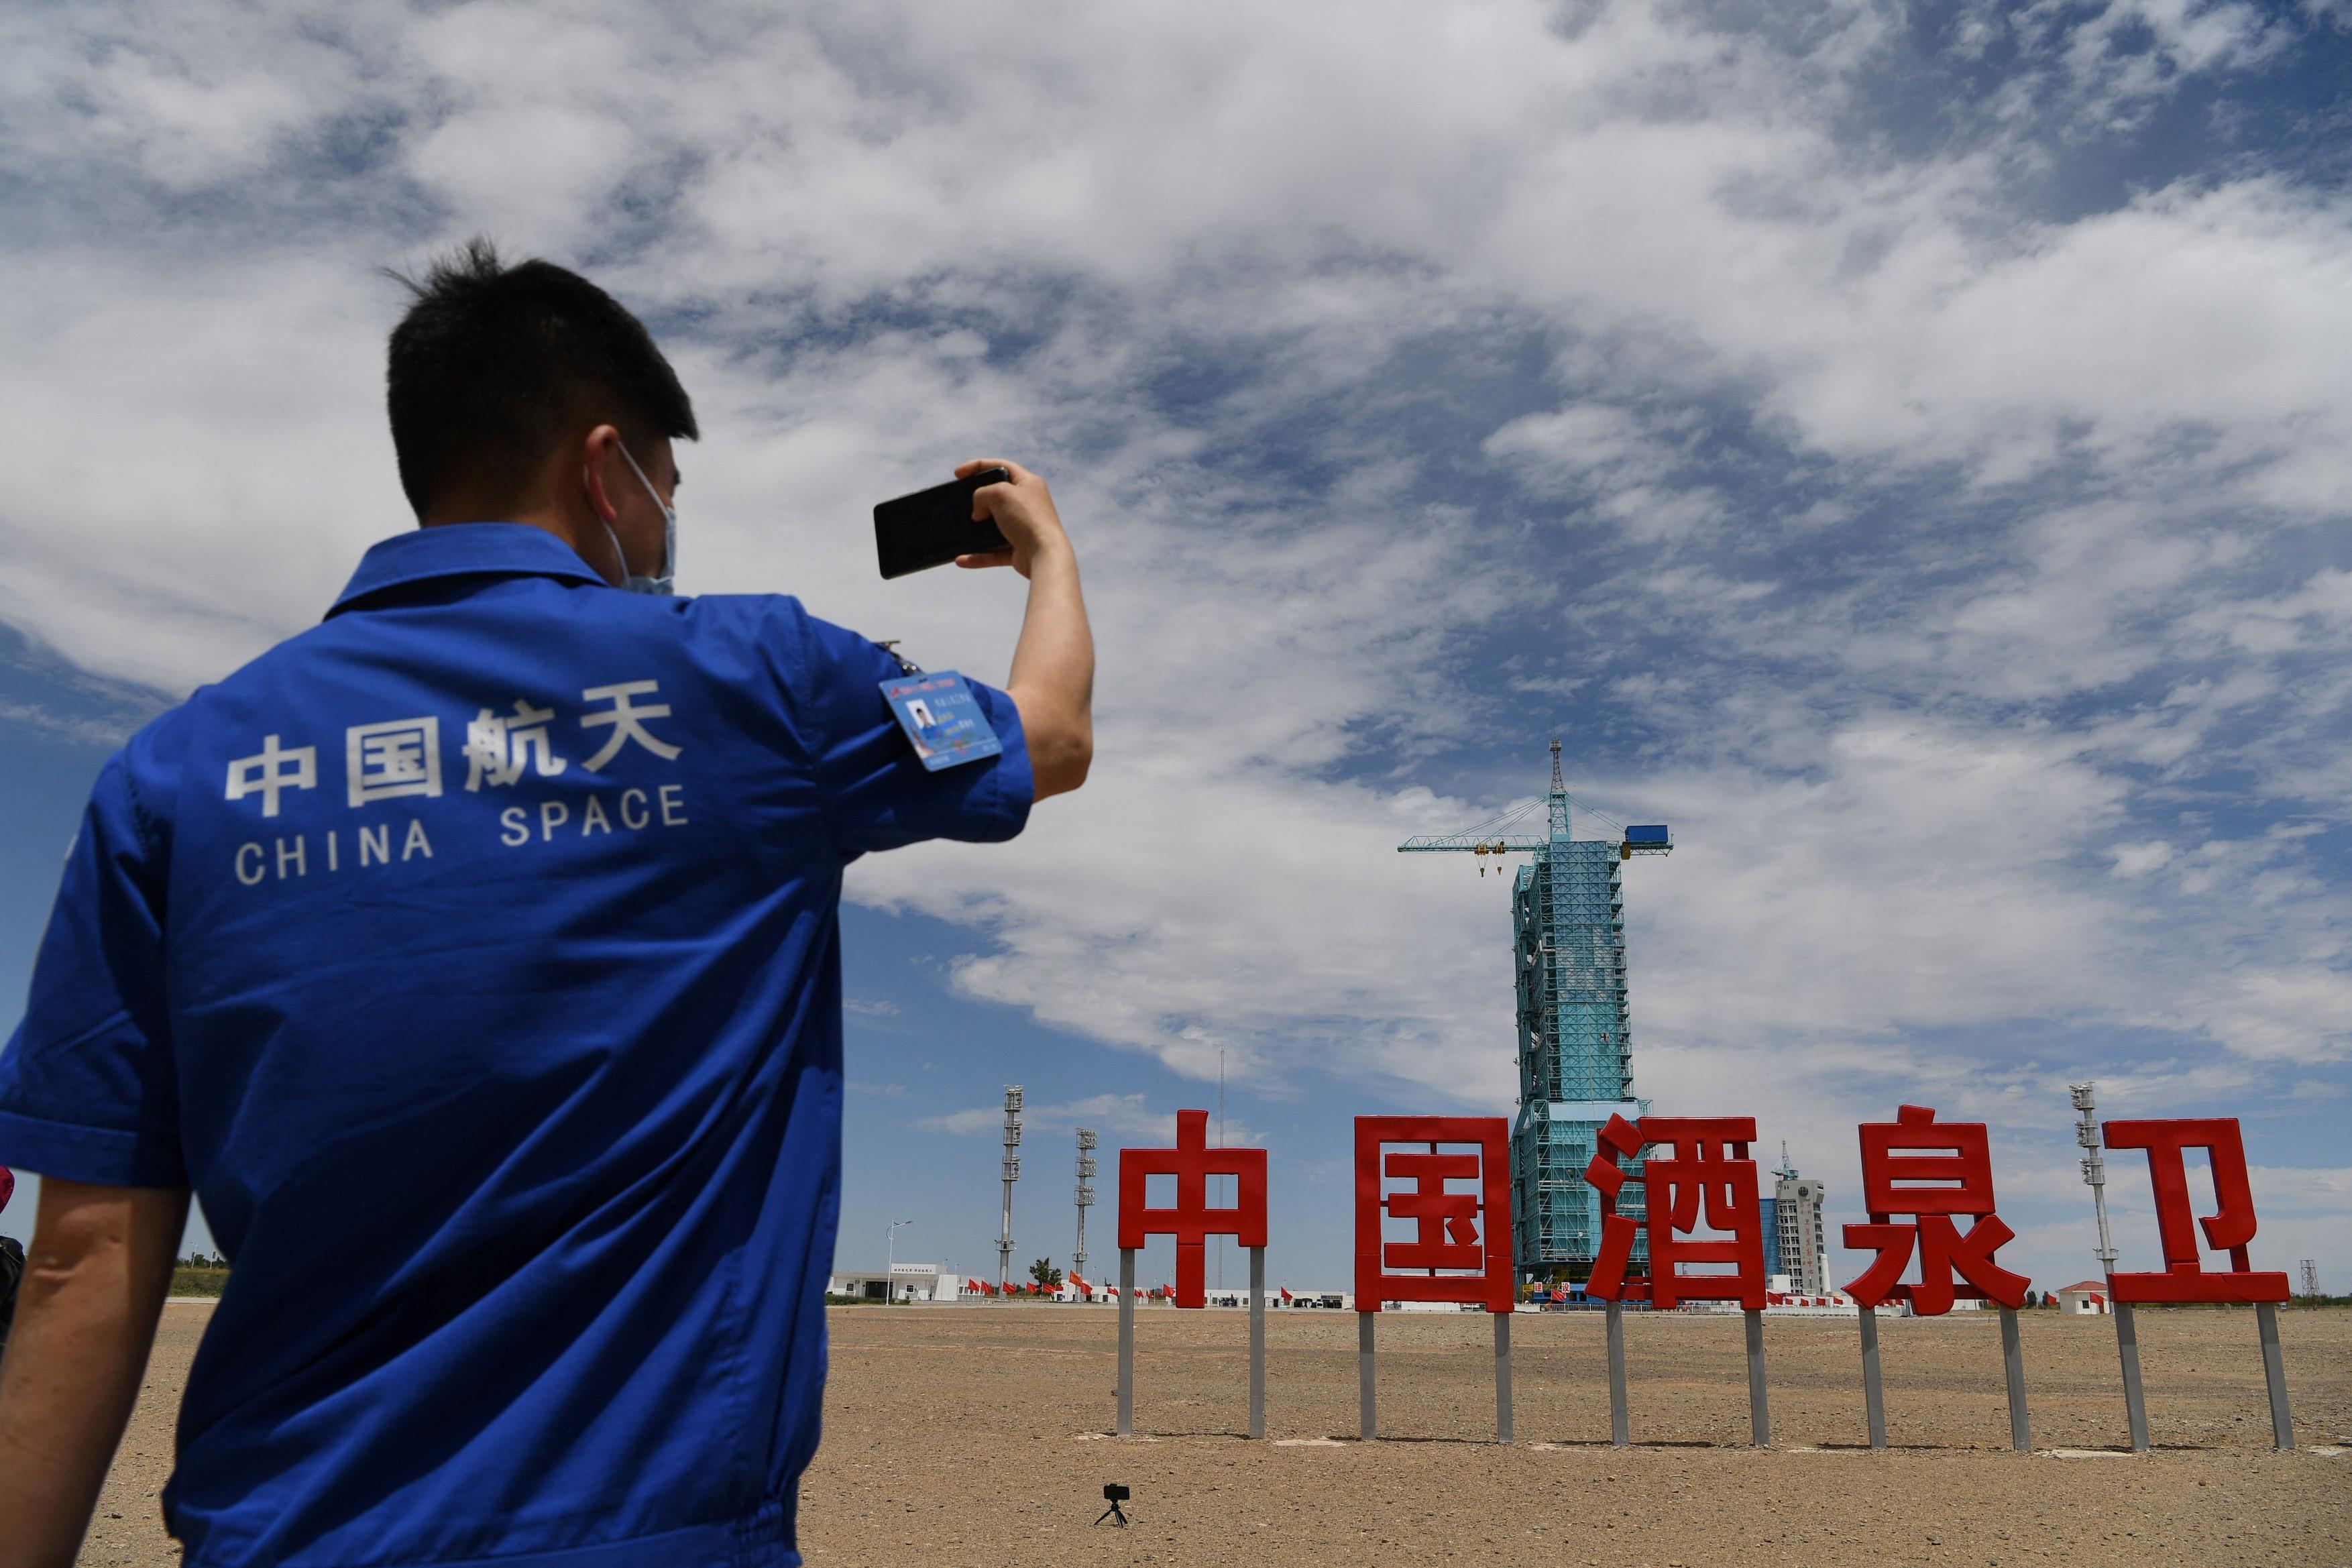 Numărătoare inversă pentru misiunea Shenzhou-12. China trimite astronauţi în premieră, pe Staţia Spaţială proprie